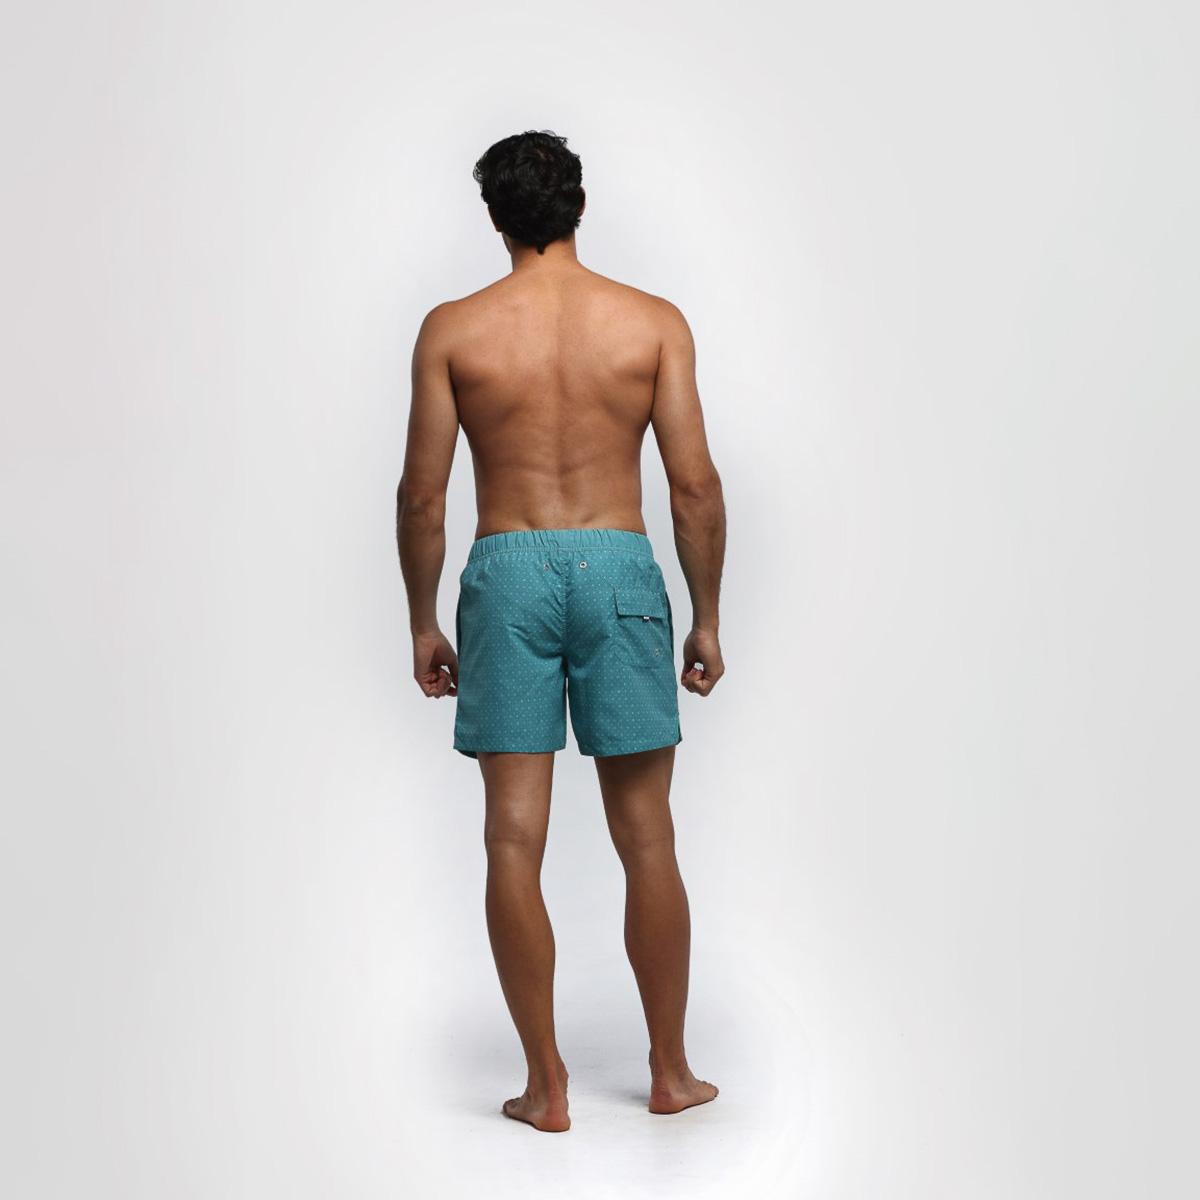 Bañador corto hombre - verde